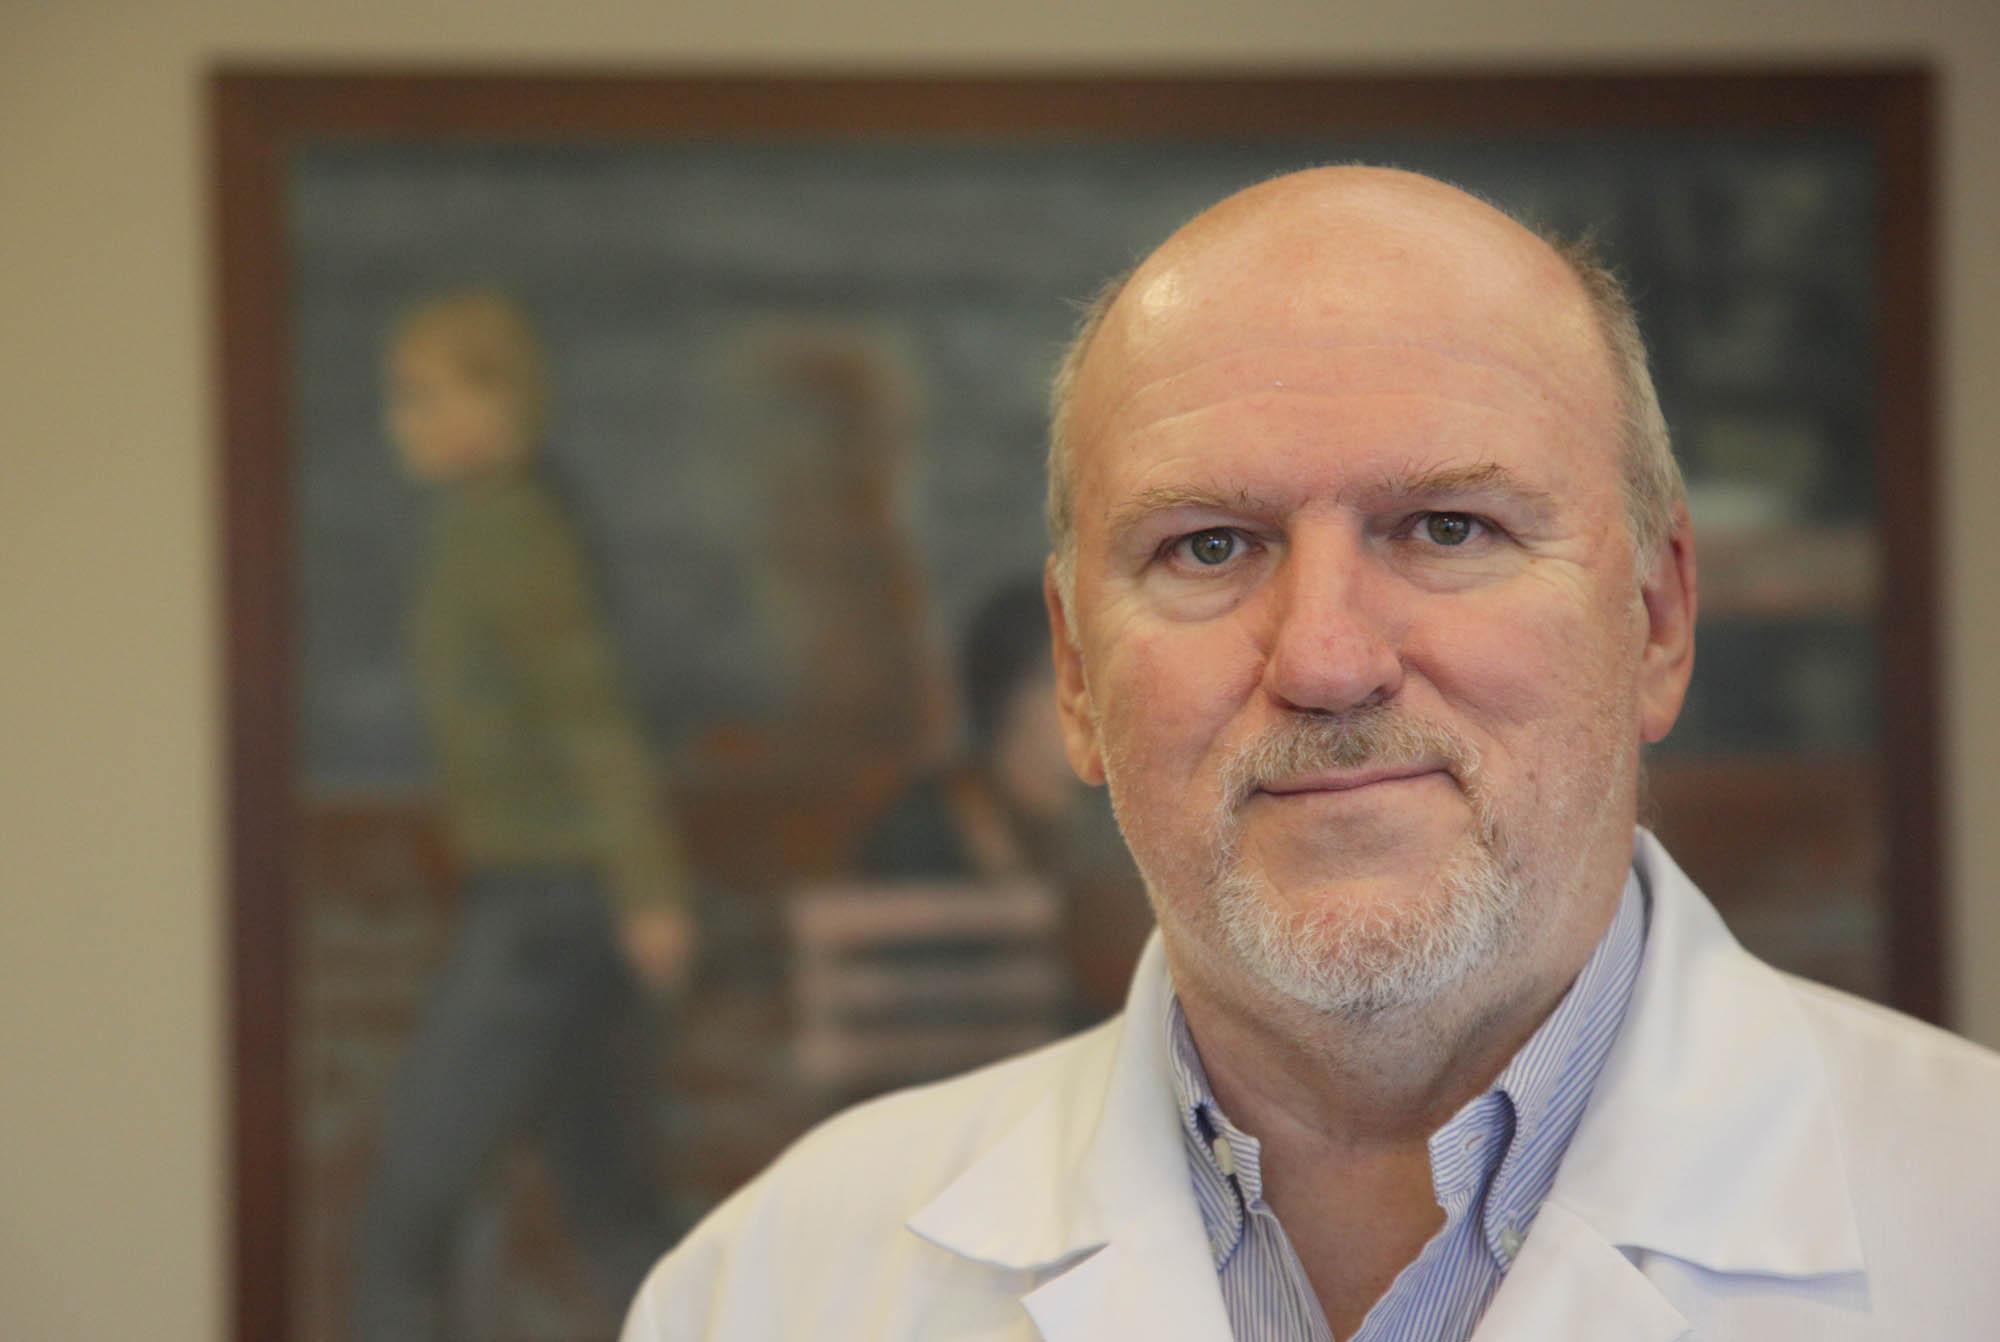 Dr. Varga Péter Pál az Országos Gerincgyógyászati Központ főigazgatója.